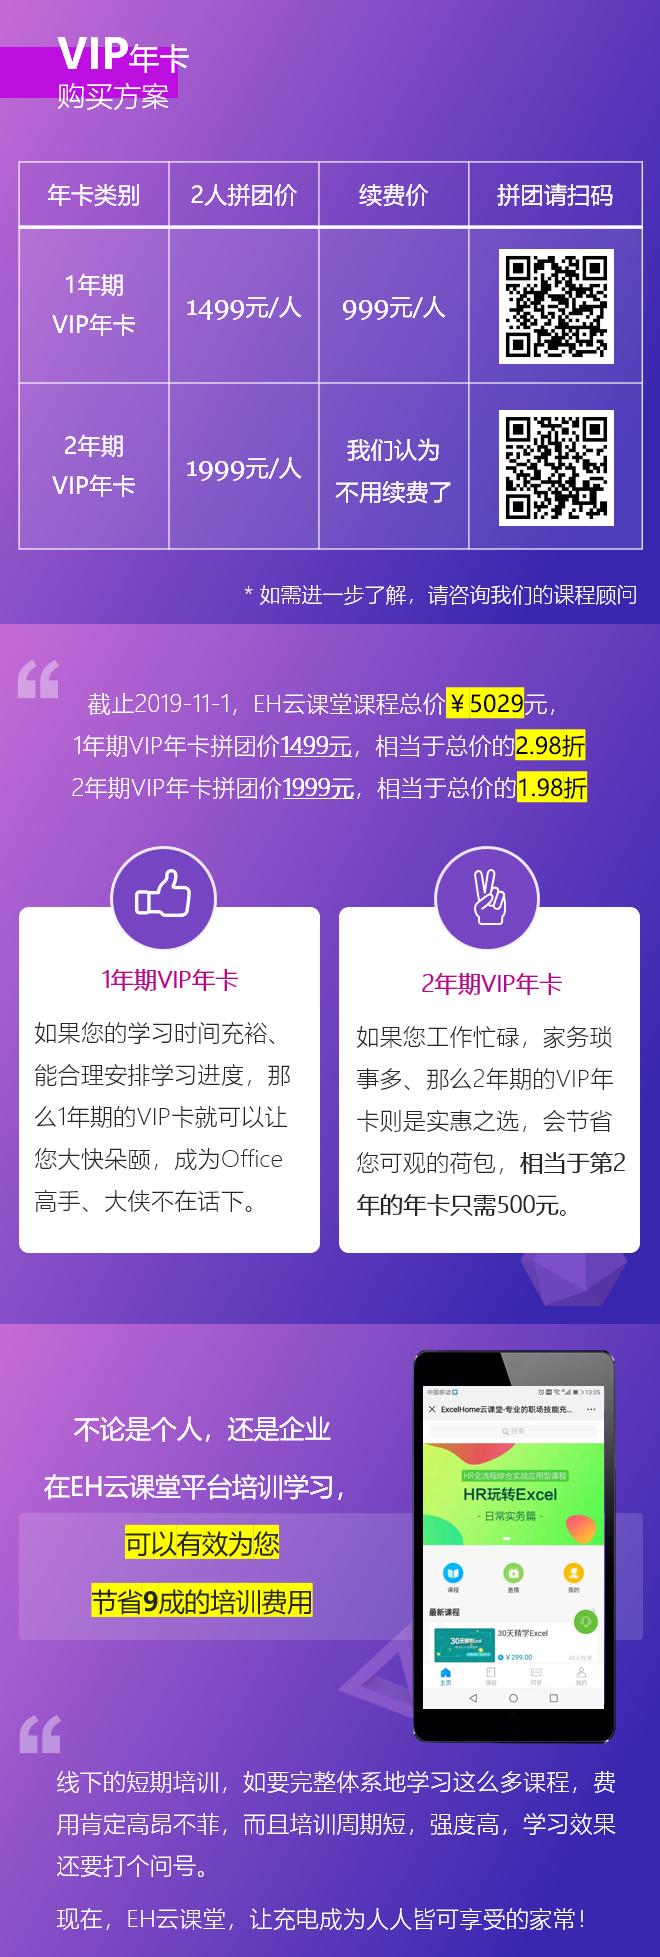 年卡详情2.png